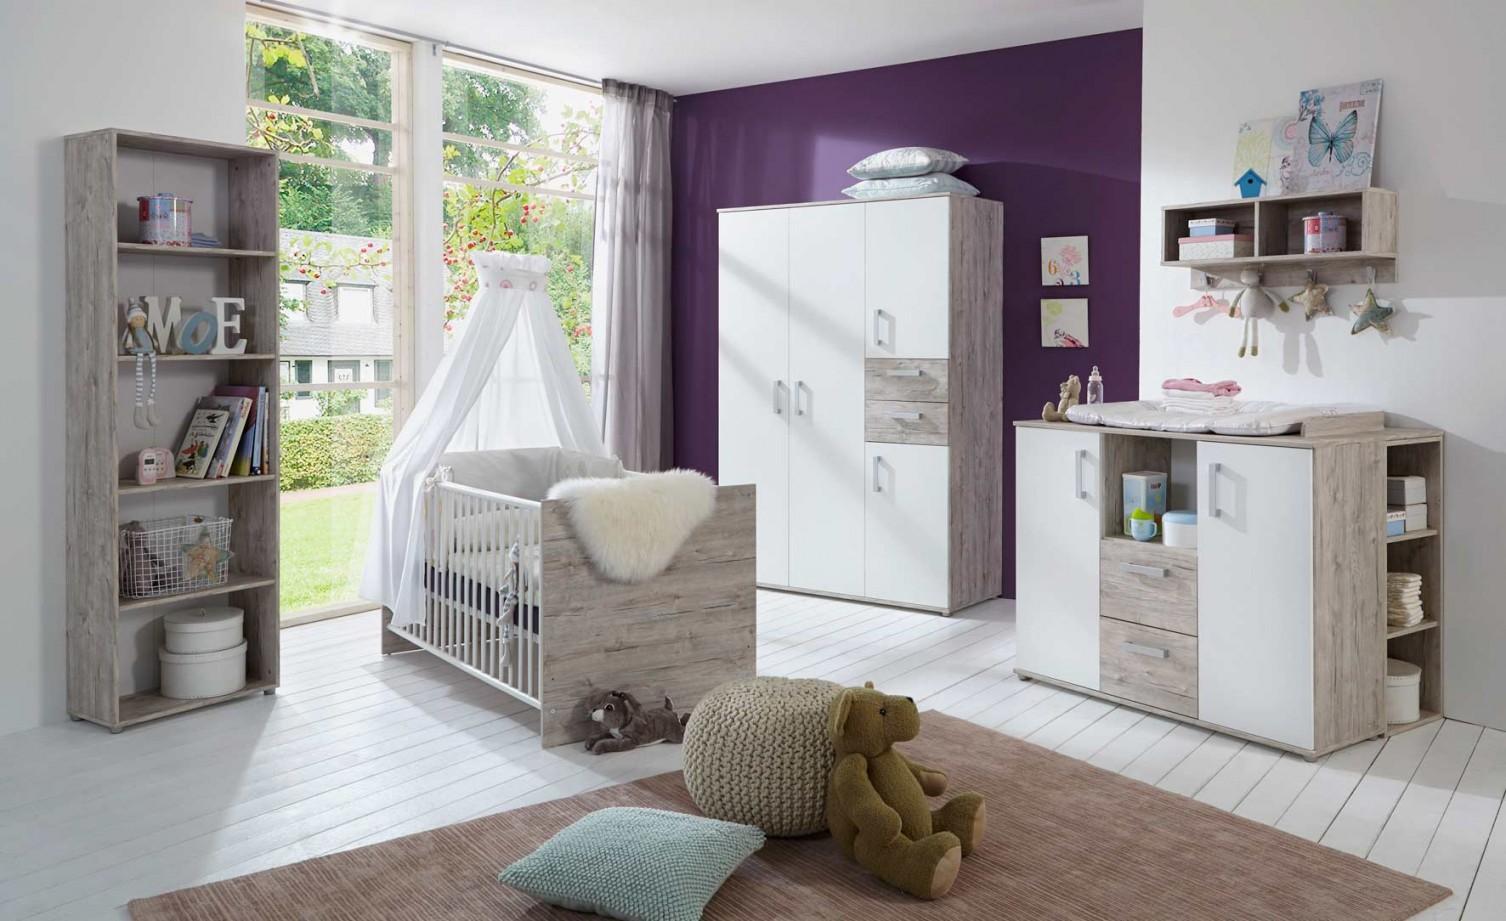 Babyzimmer Eichesanddekor Weiß von Babyzimmer Weiß Eiche Photo